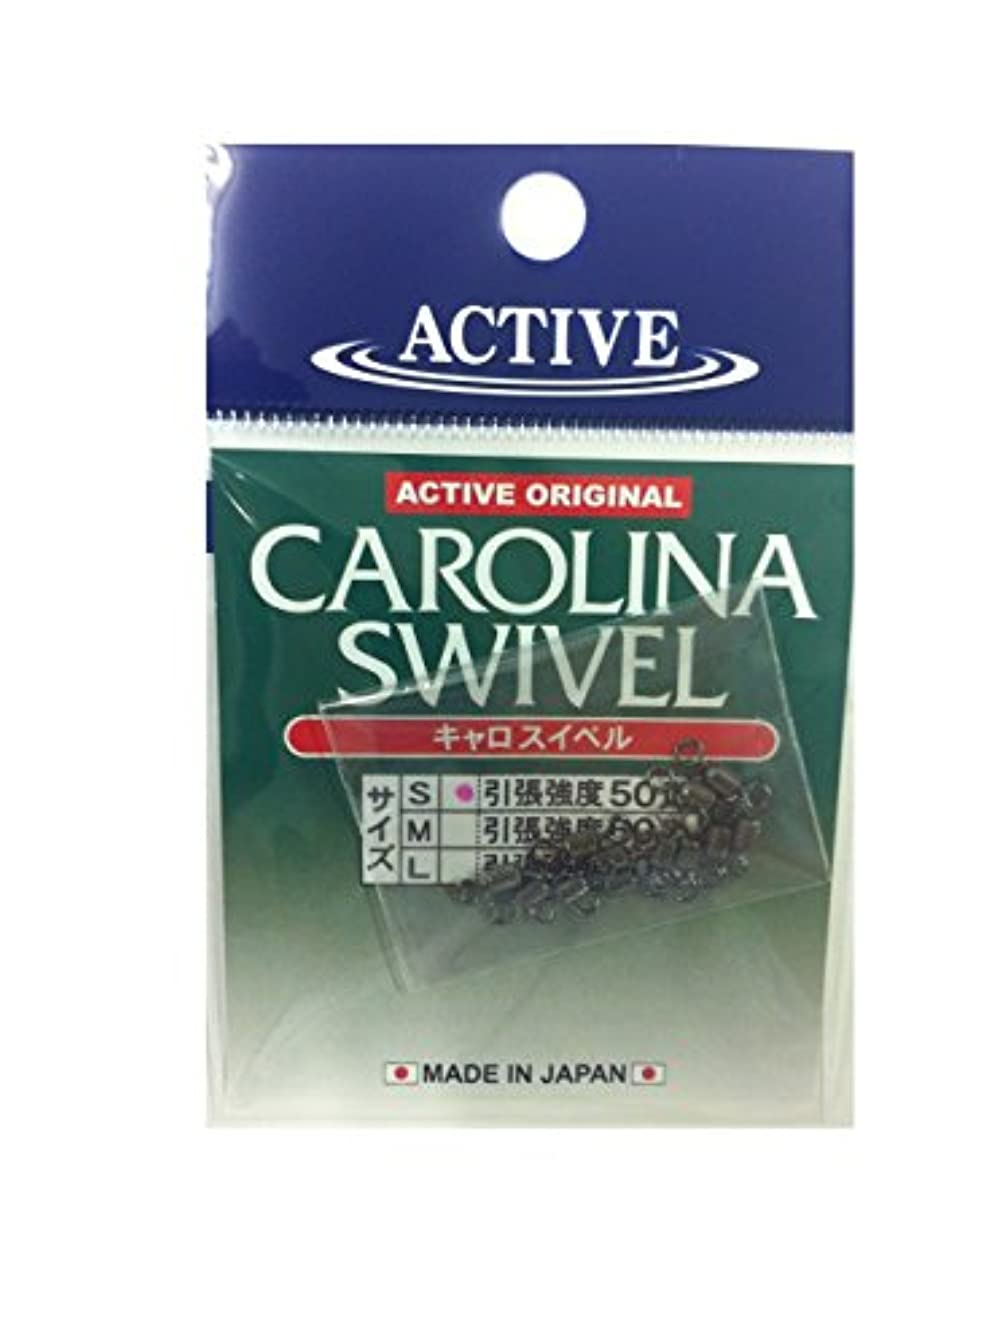 純粋な保存する徴収ACTIVE(アクティブ) キャロスイベル S